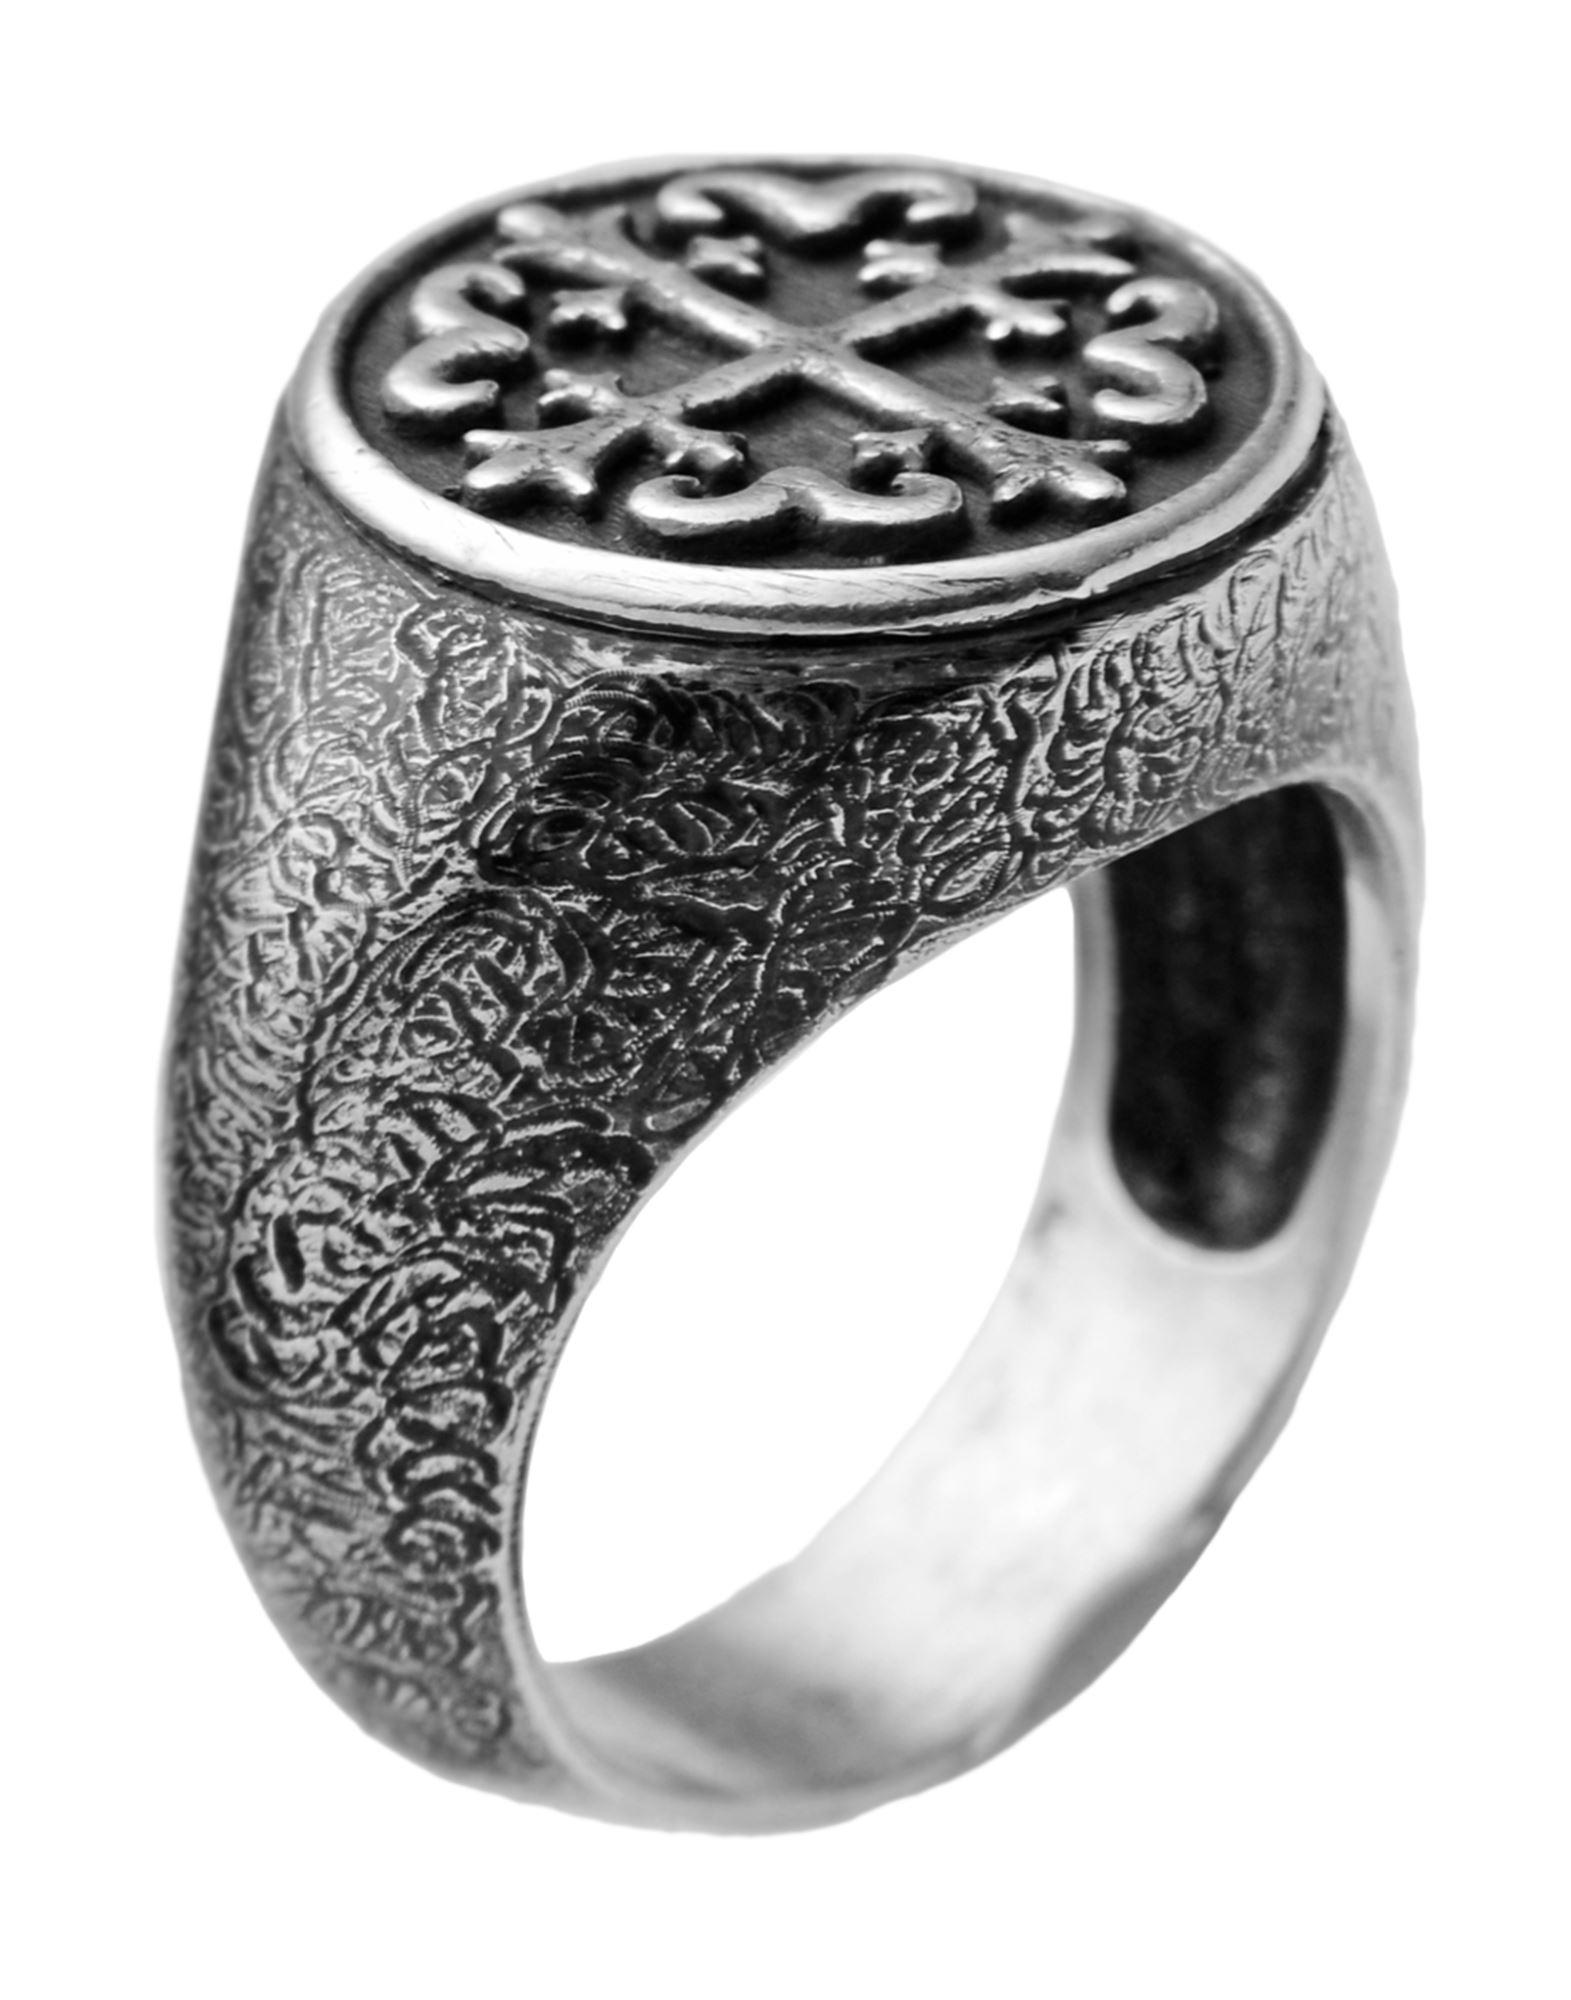 《セール開催中》FIRST PEOPLE FIRST メンズ 指輪 シルバー 20 シルバー925/1000 ANELLO CROCE BAROCCA